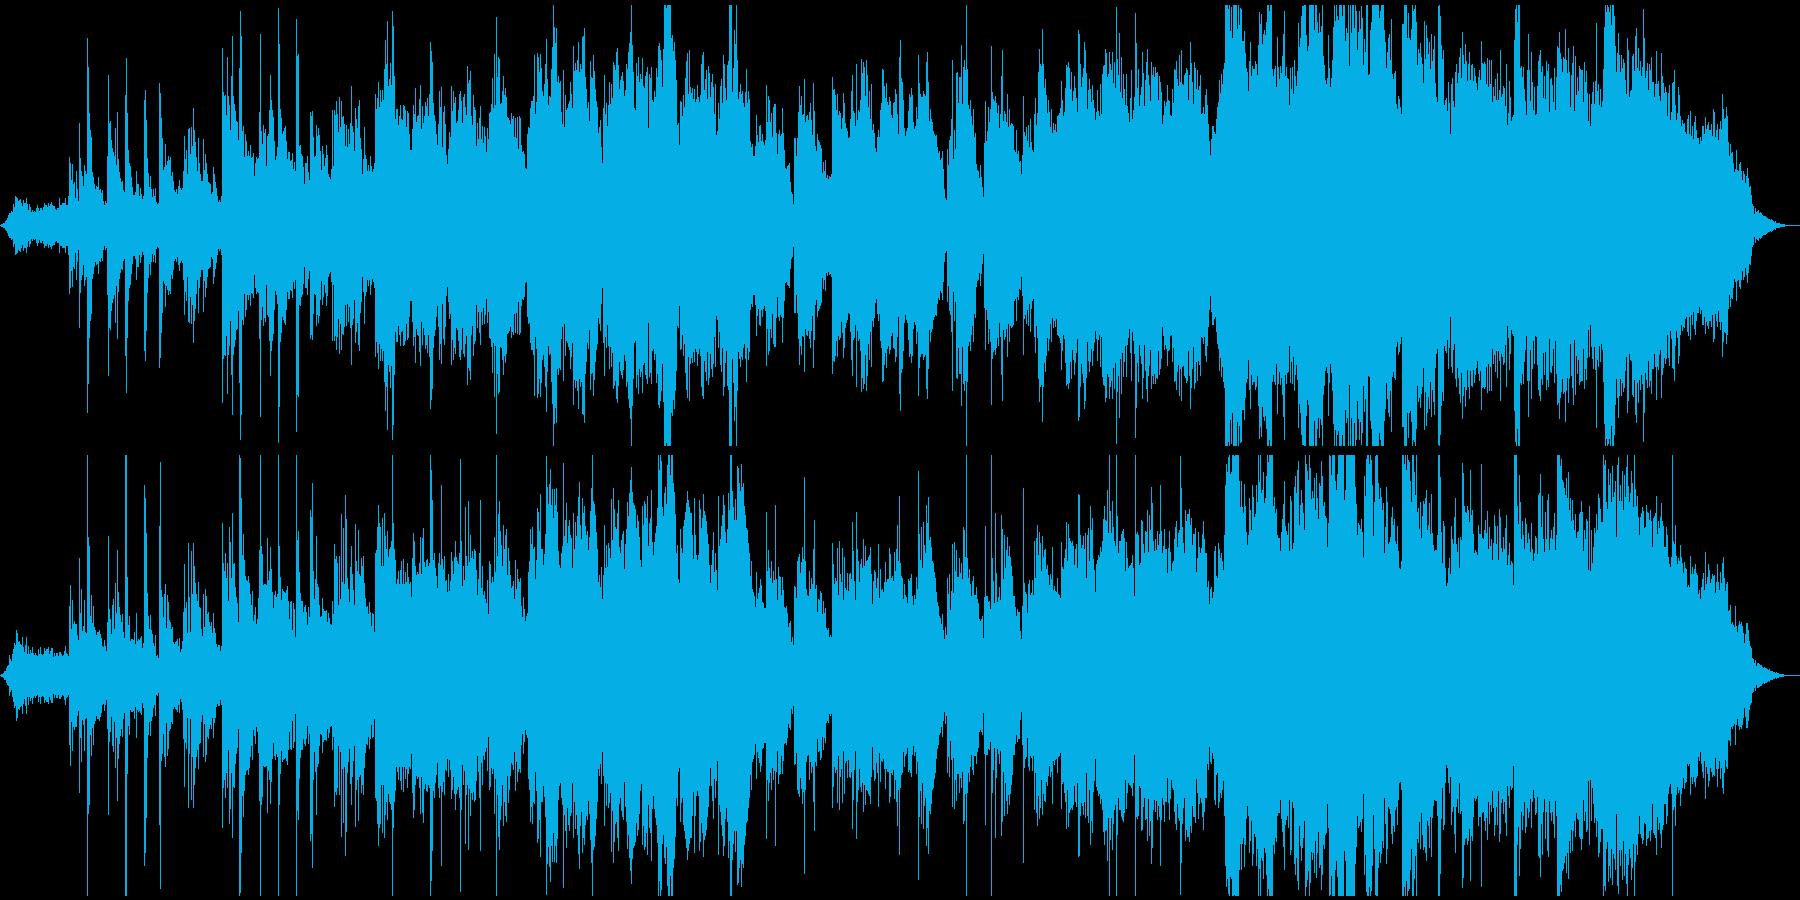 モンゴルの草原風のイメージのBGMの再生済みの波形